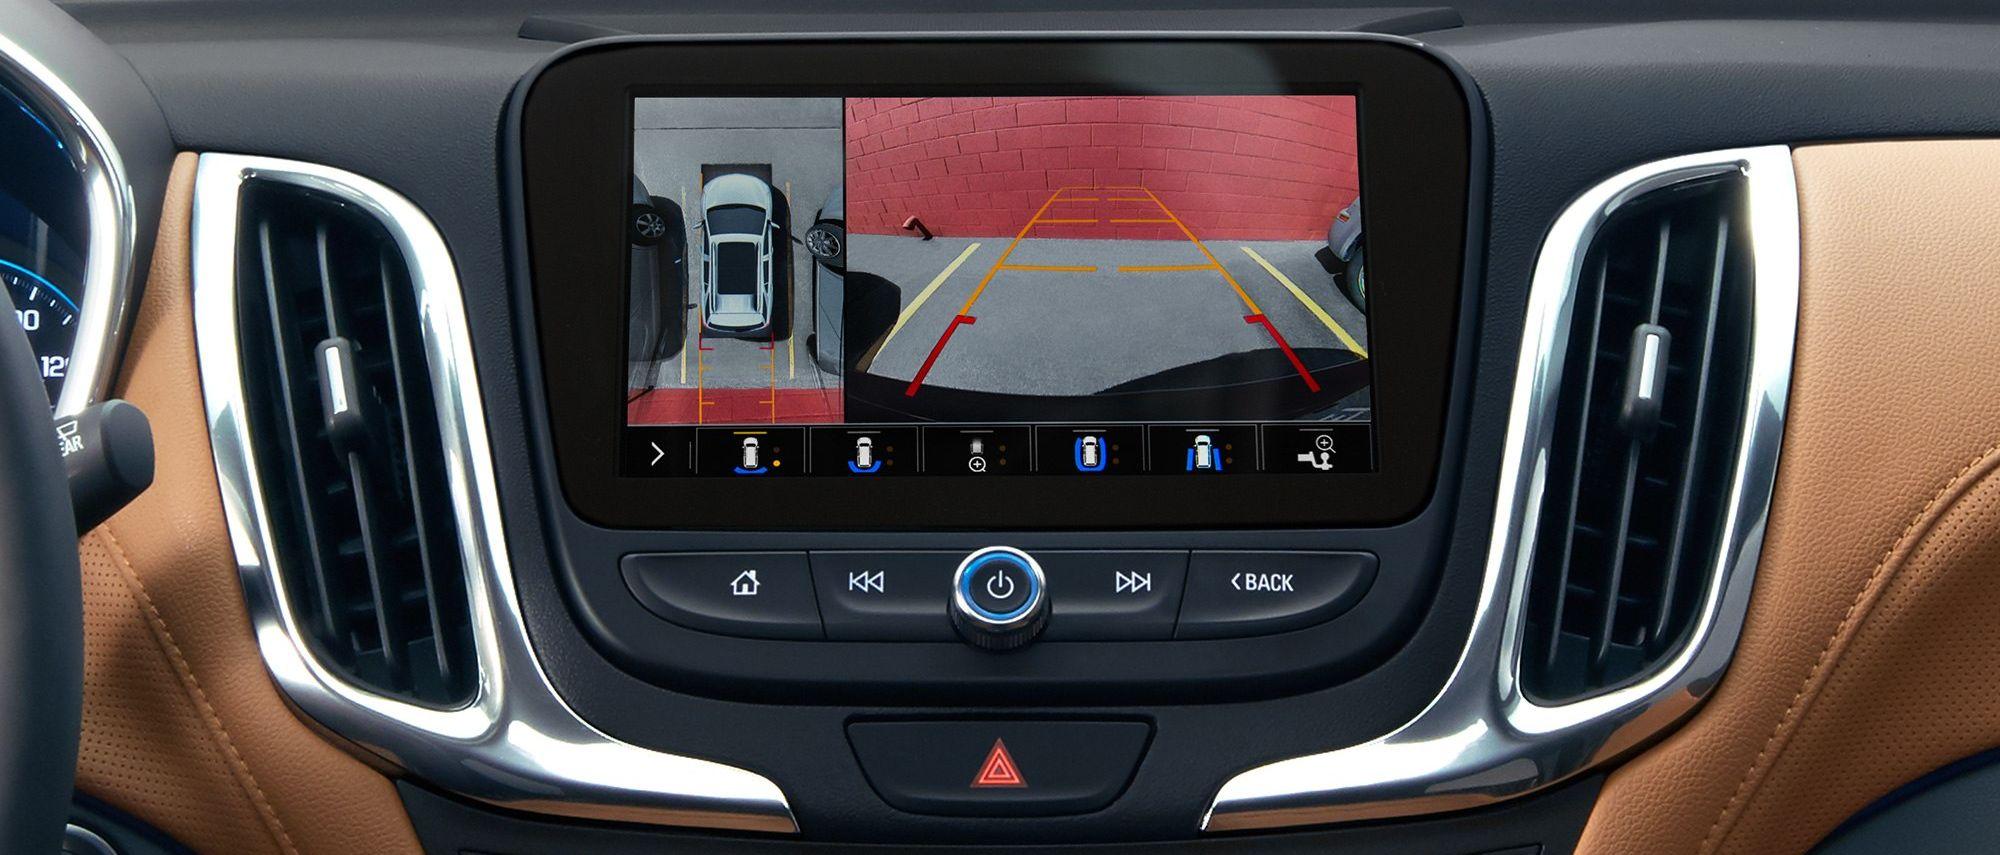 2019 Chevrolet Equinox Rear Vision Camera